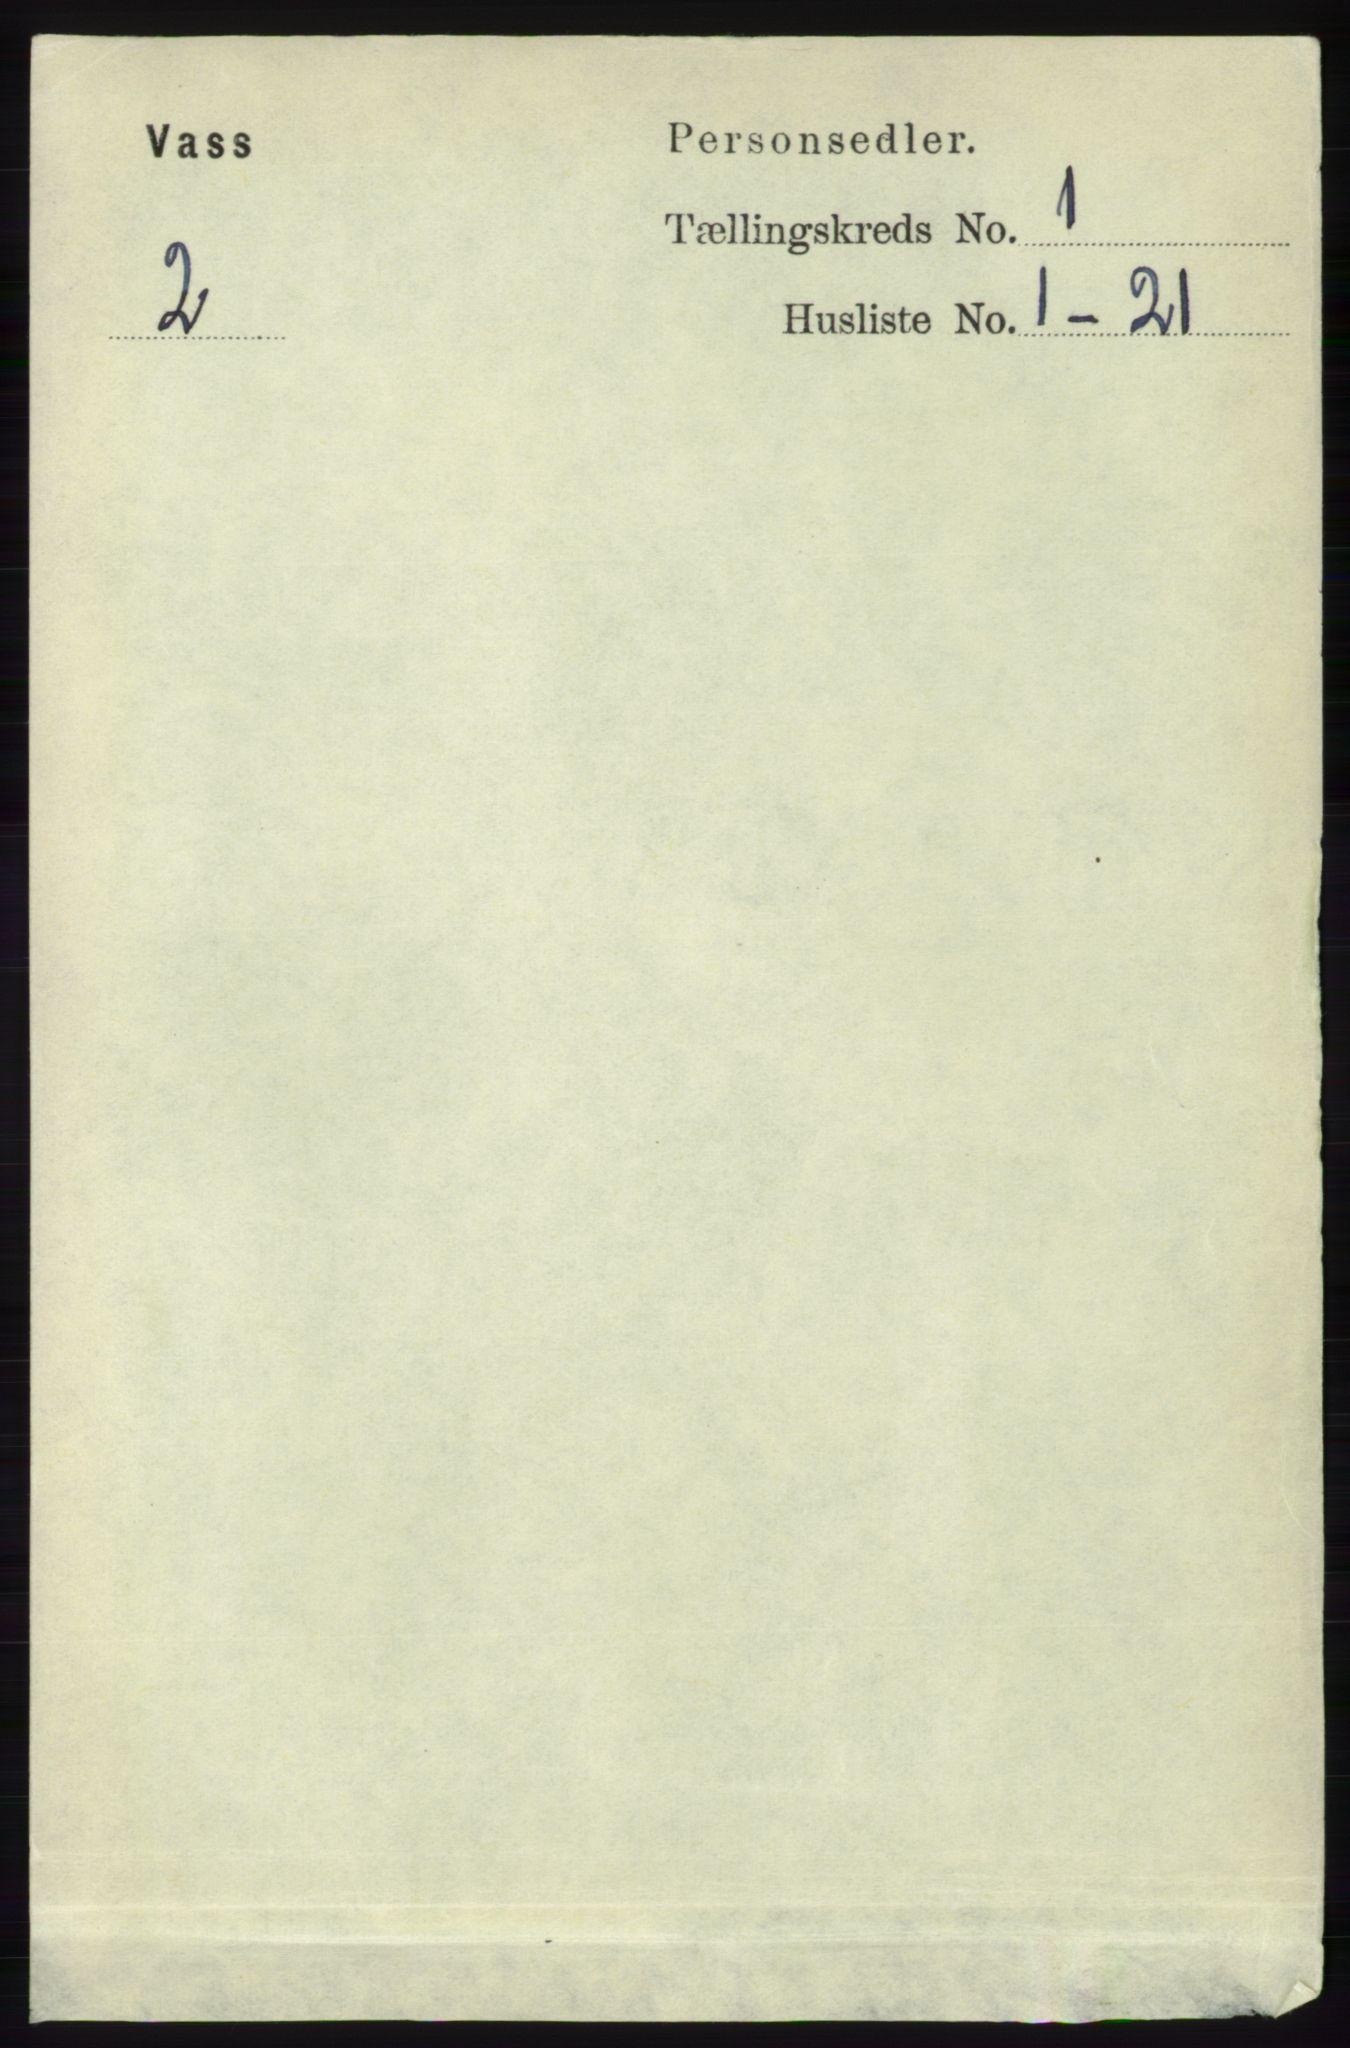 RA, Folketelling 1891 for 1155 Vats herred, 1891, s. 44